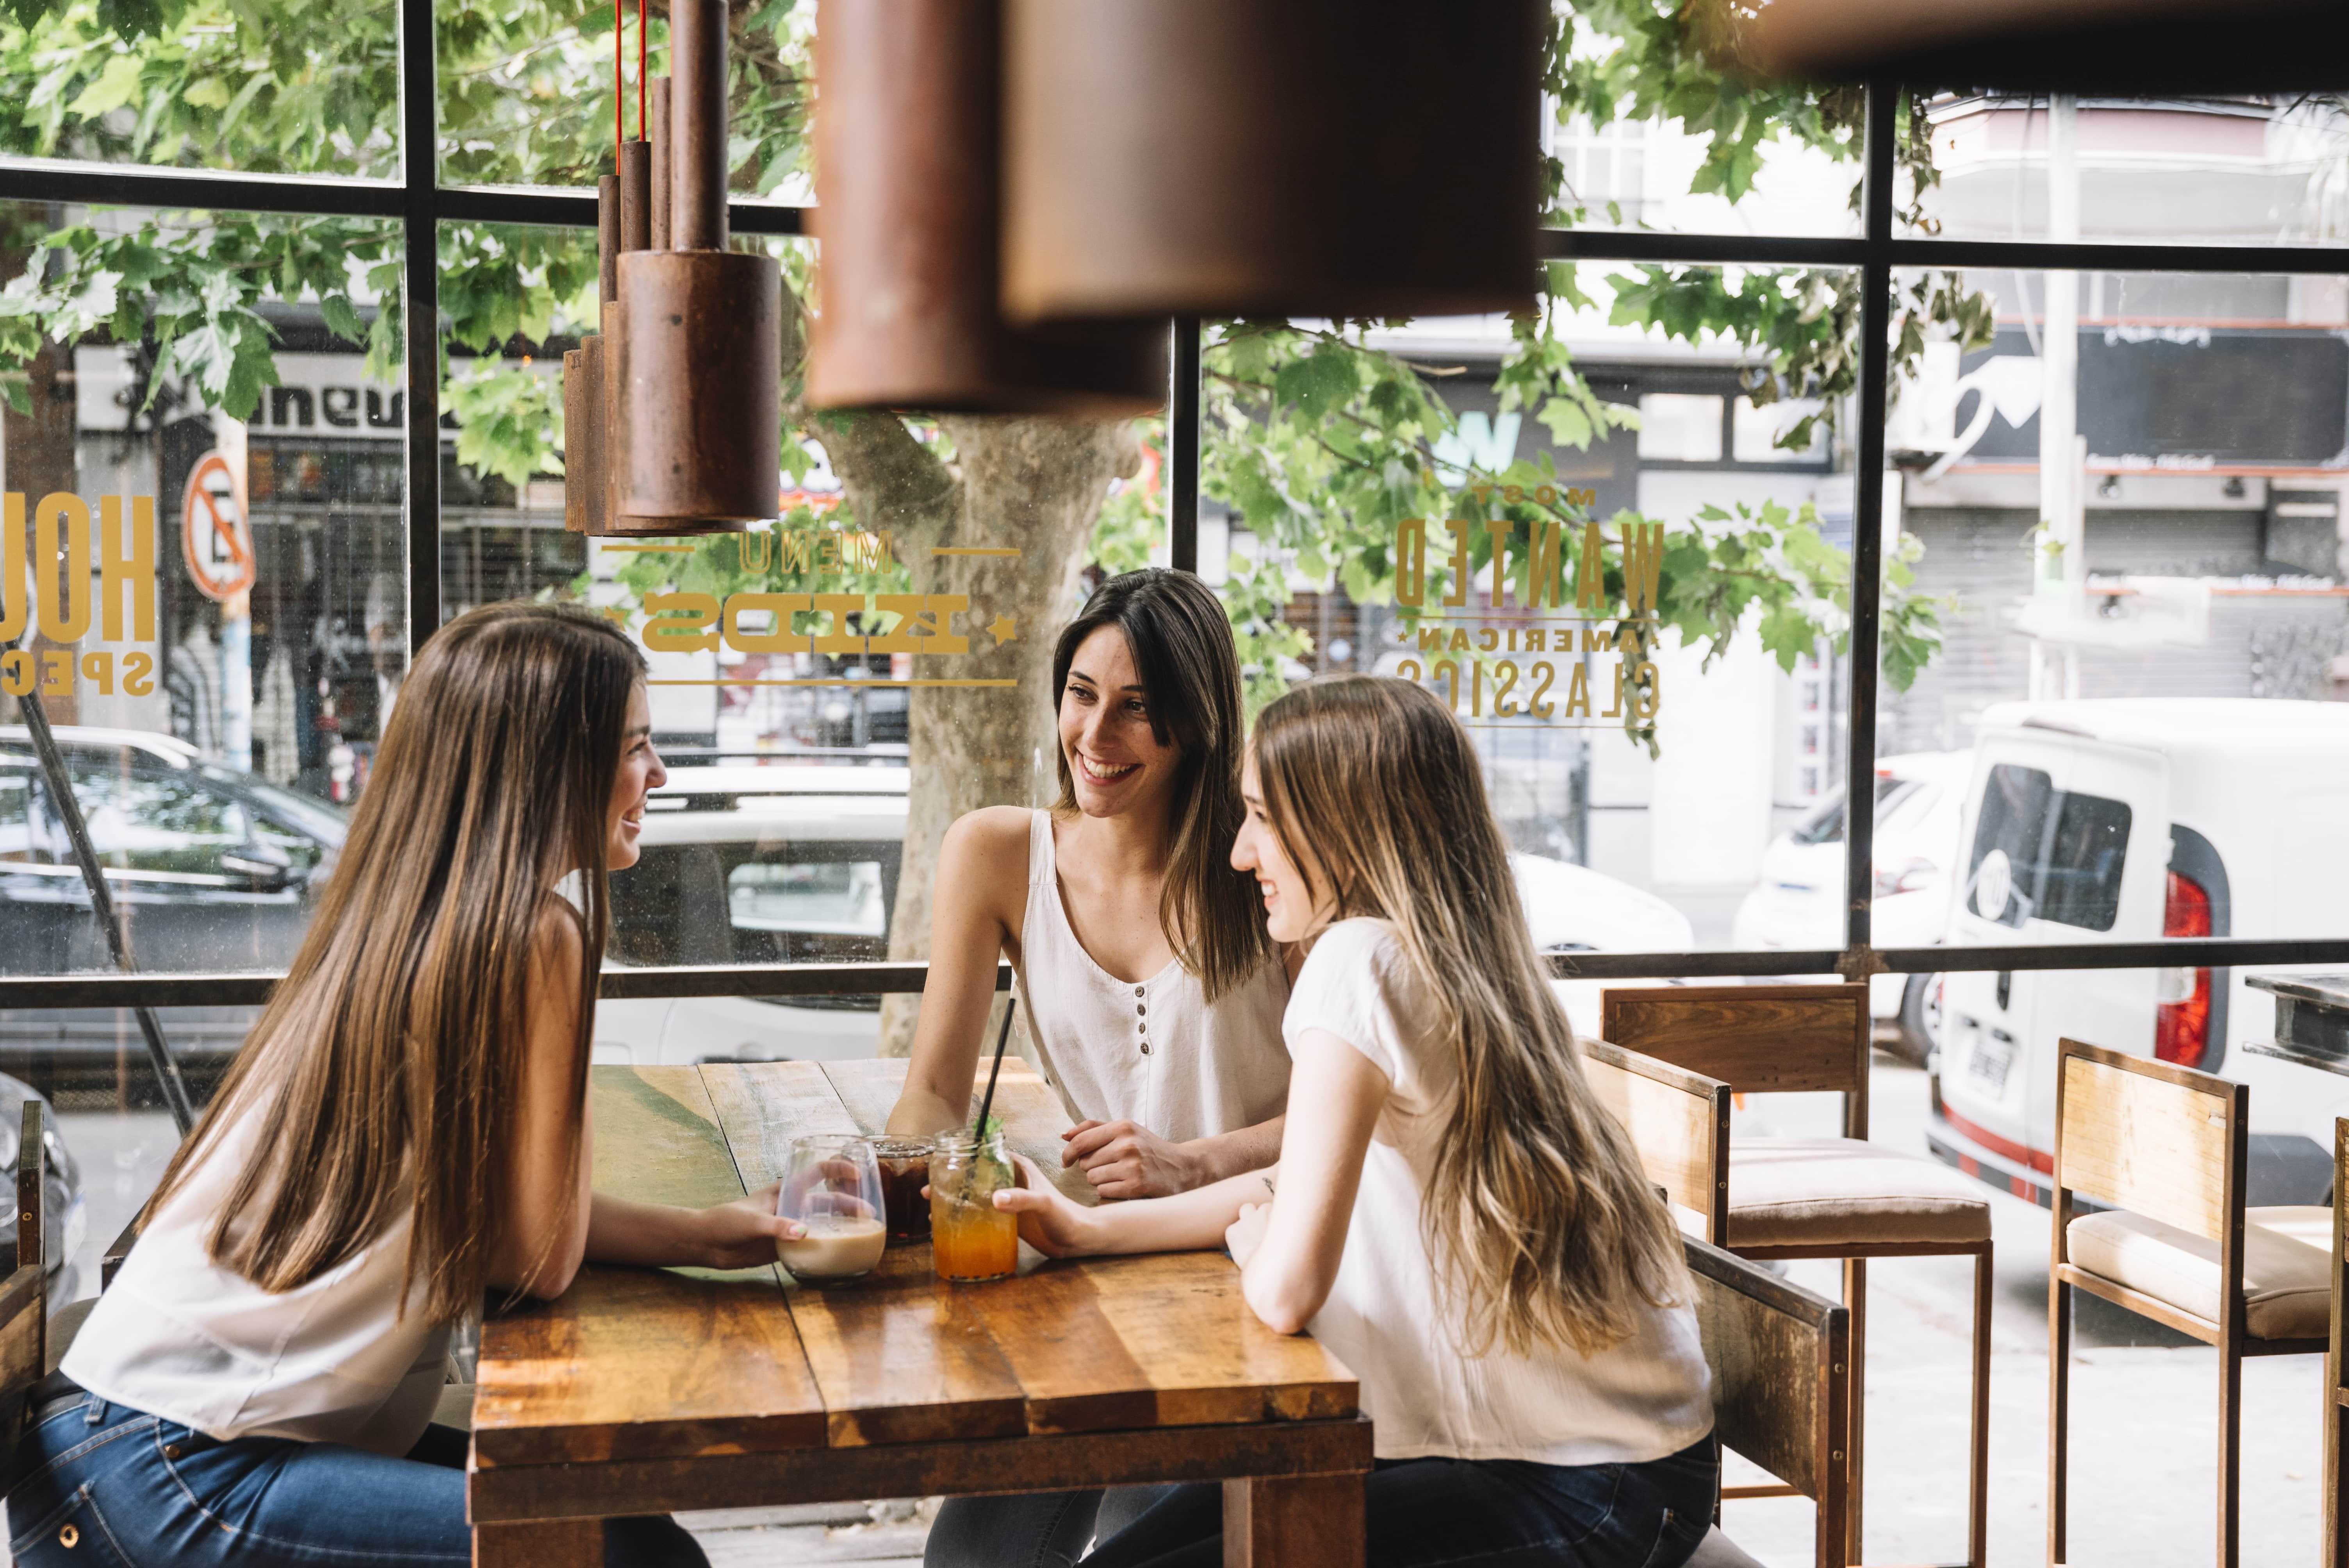 Les restaurants à découvrir entre amis